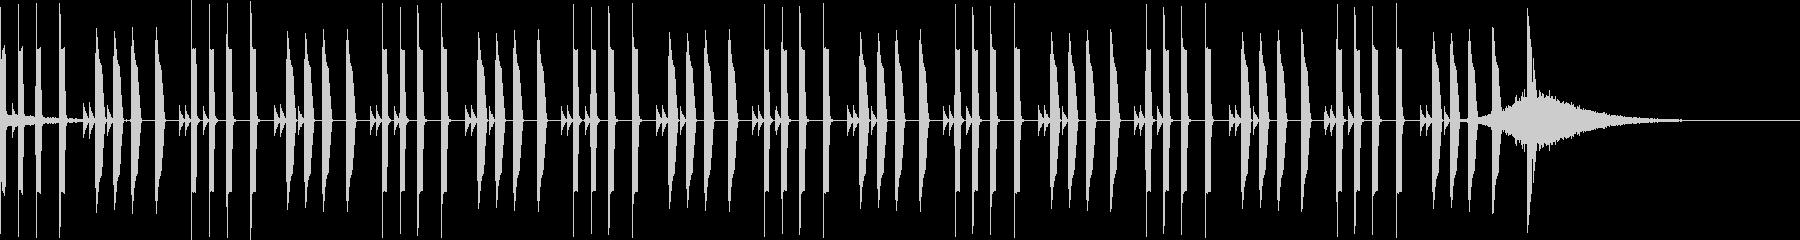 シンキング音の未再生の波形